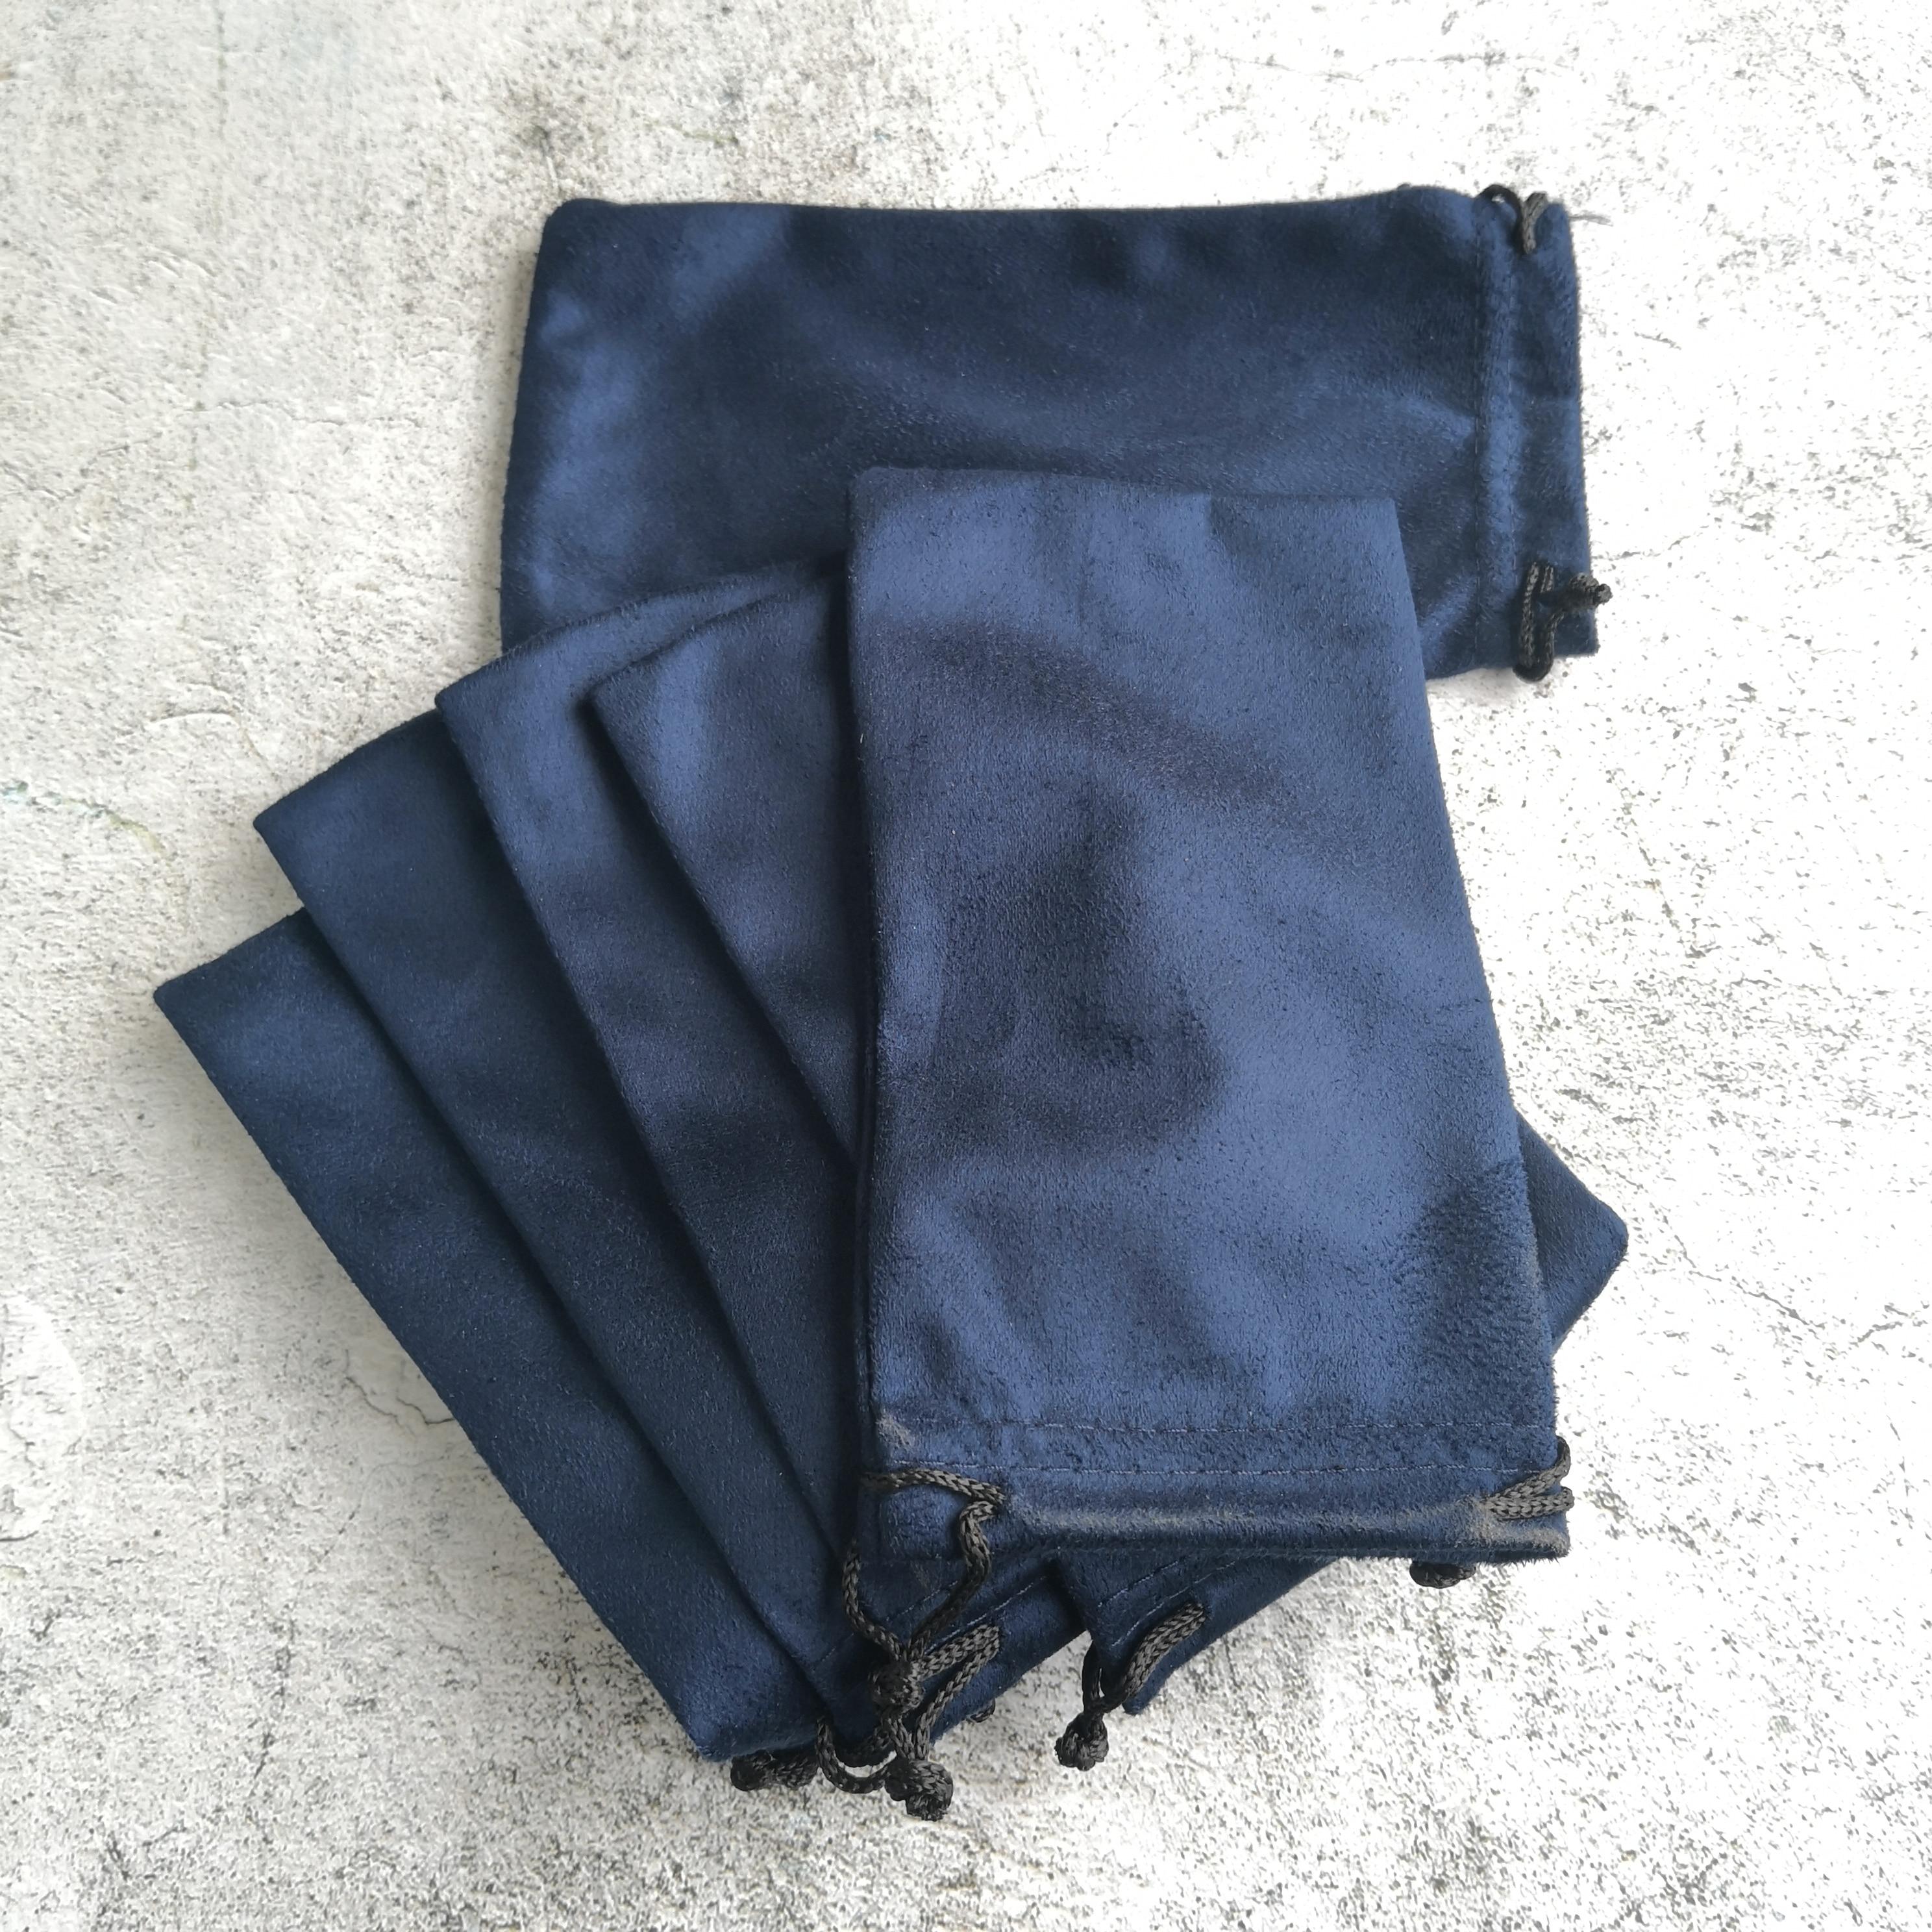 LANBO 50 pcs 18*9.5cm Pouch Bag Glasses Case Soft Eyewear Charpie Cloth Bag Wholesale Spectacle Sunglasses Case Blue Color S27